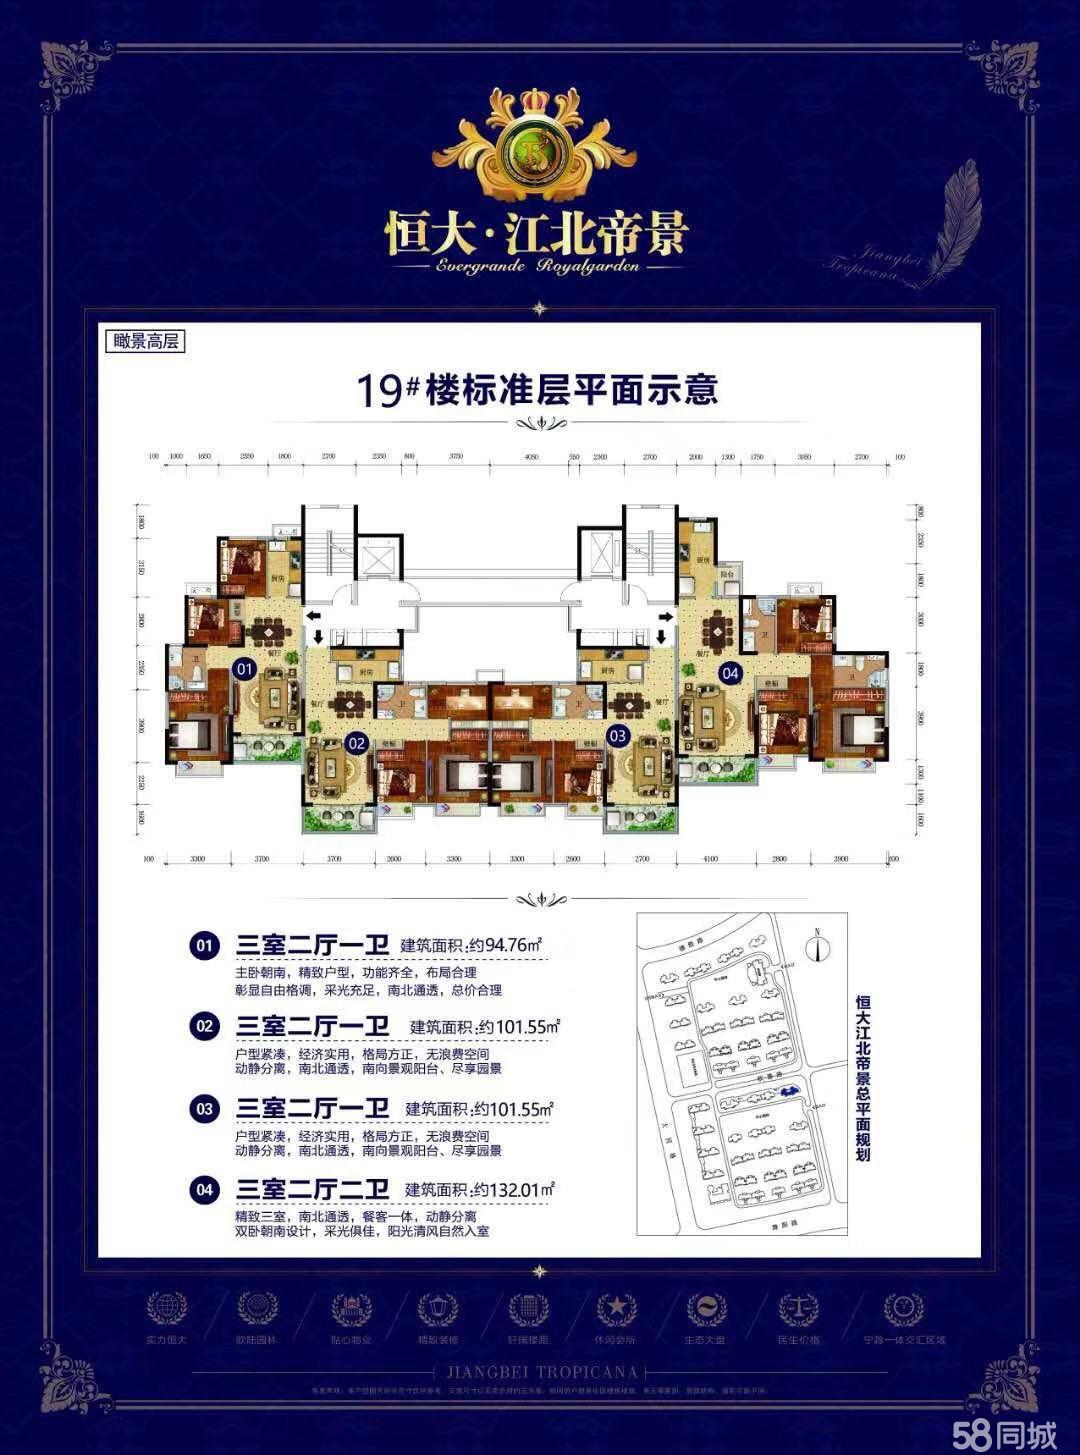 乌衣恒大江北帝景精装修三室,23楼,3室2厅1卫95平米